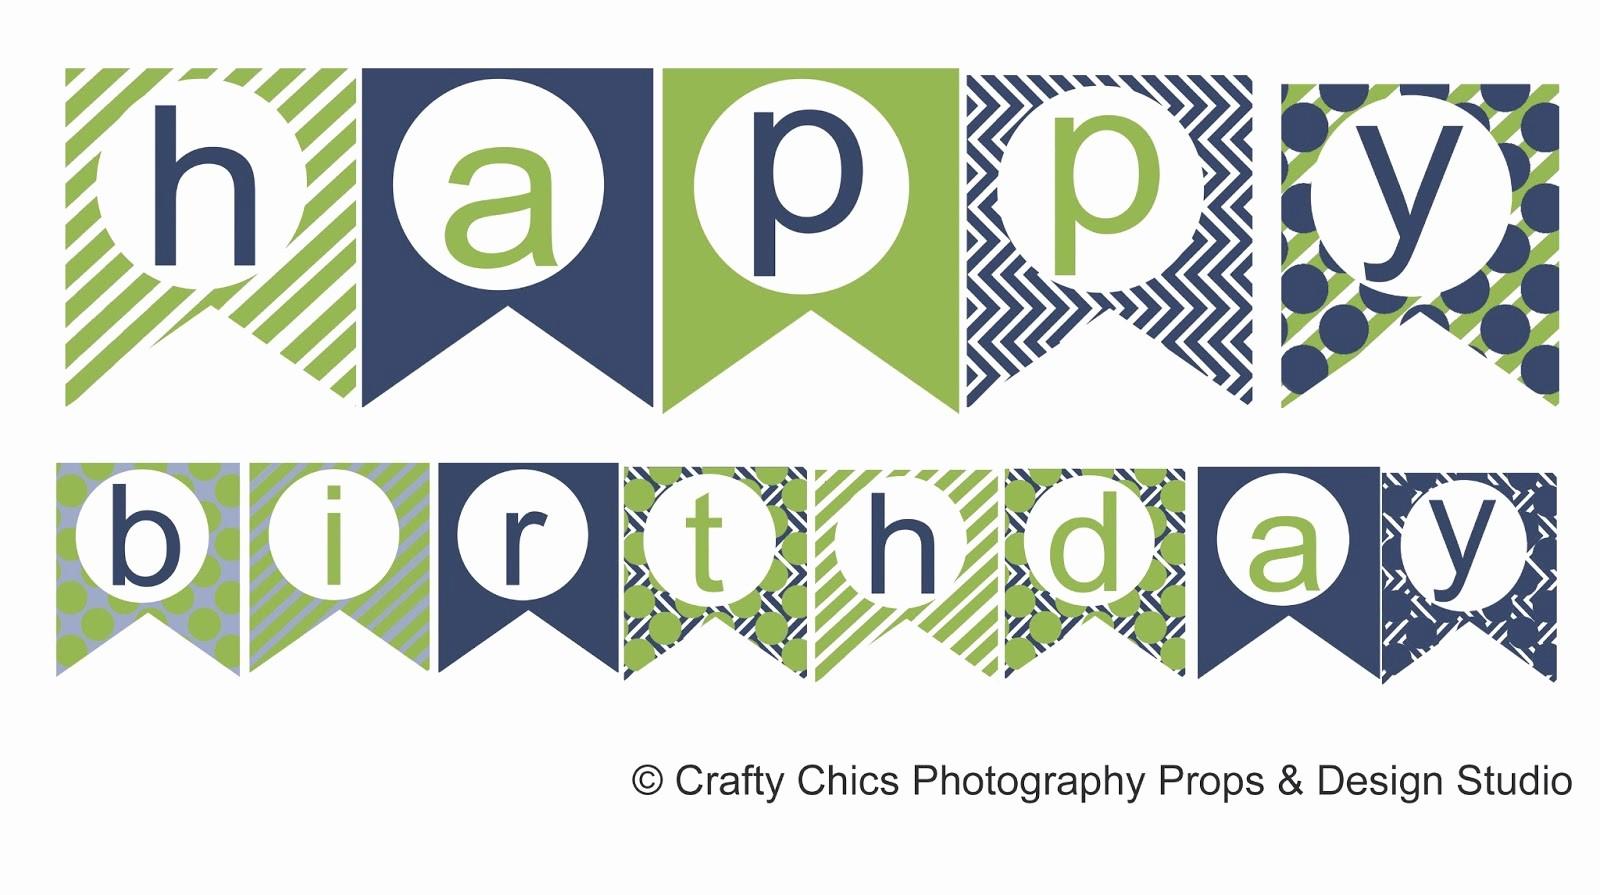 Happy Birthday Signs to Print Luxury Happy Birthday Banner to Print Free Printable Happy